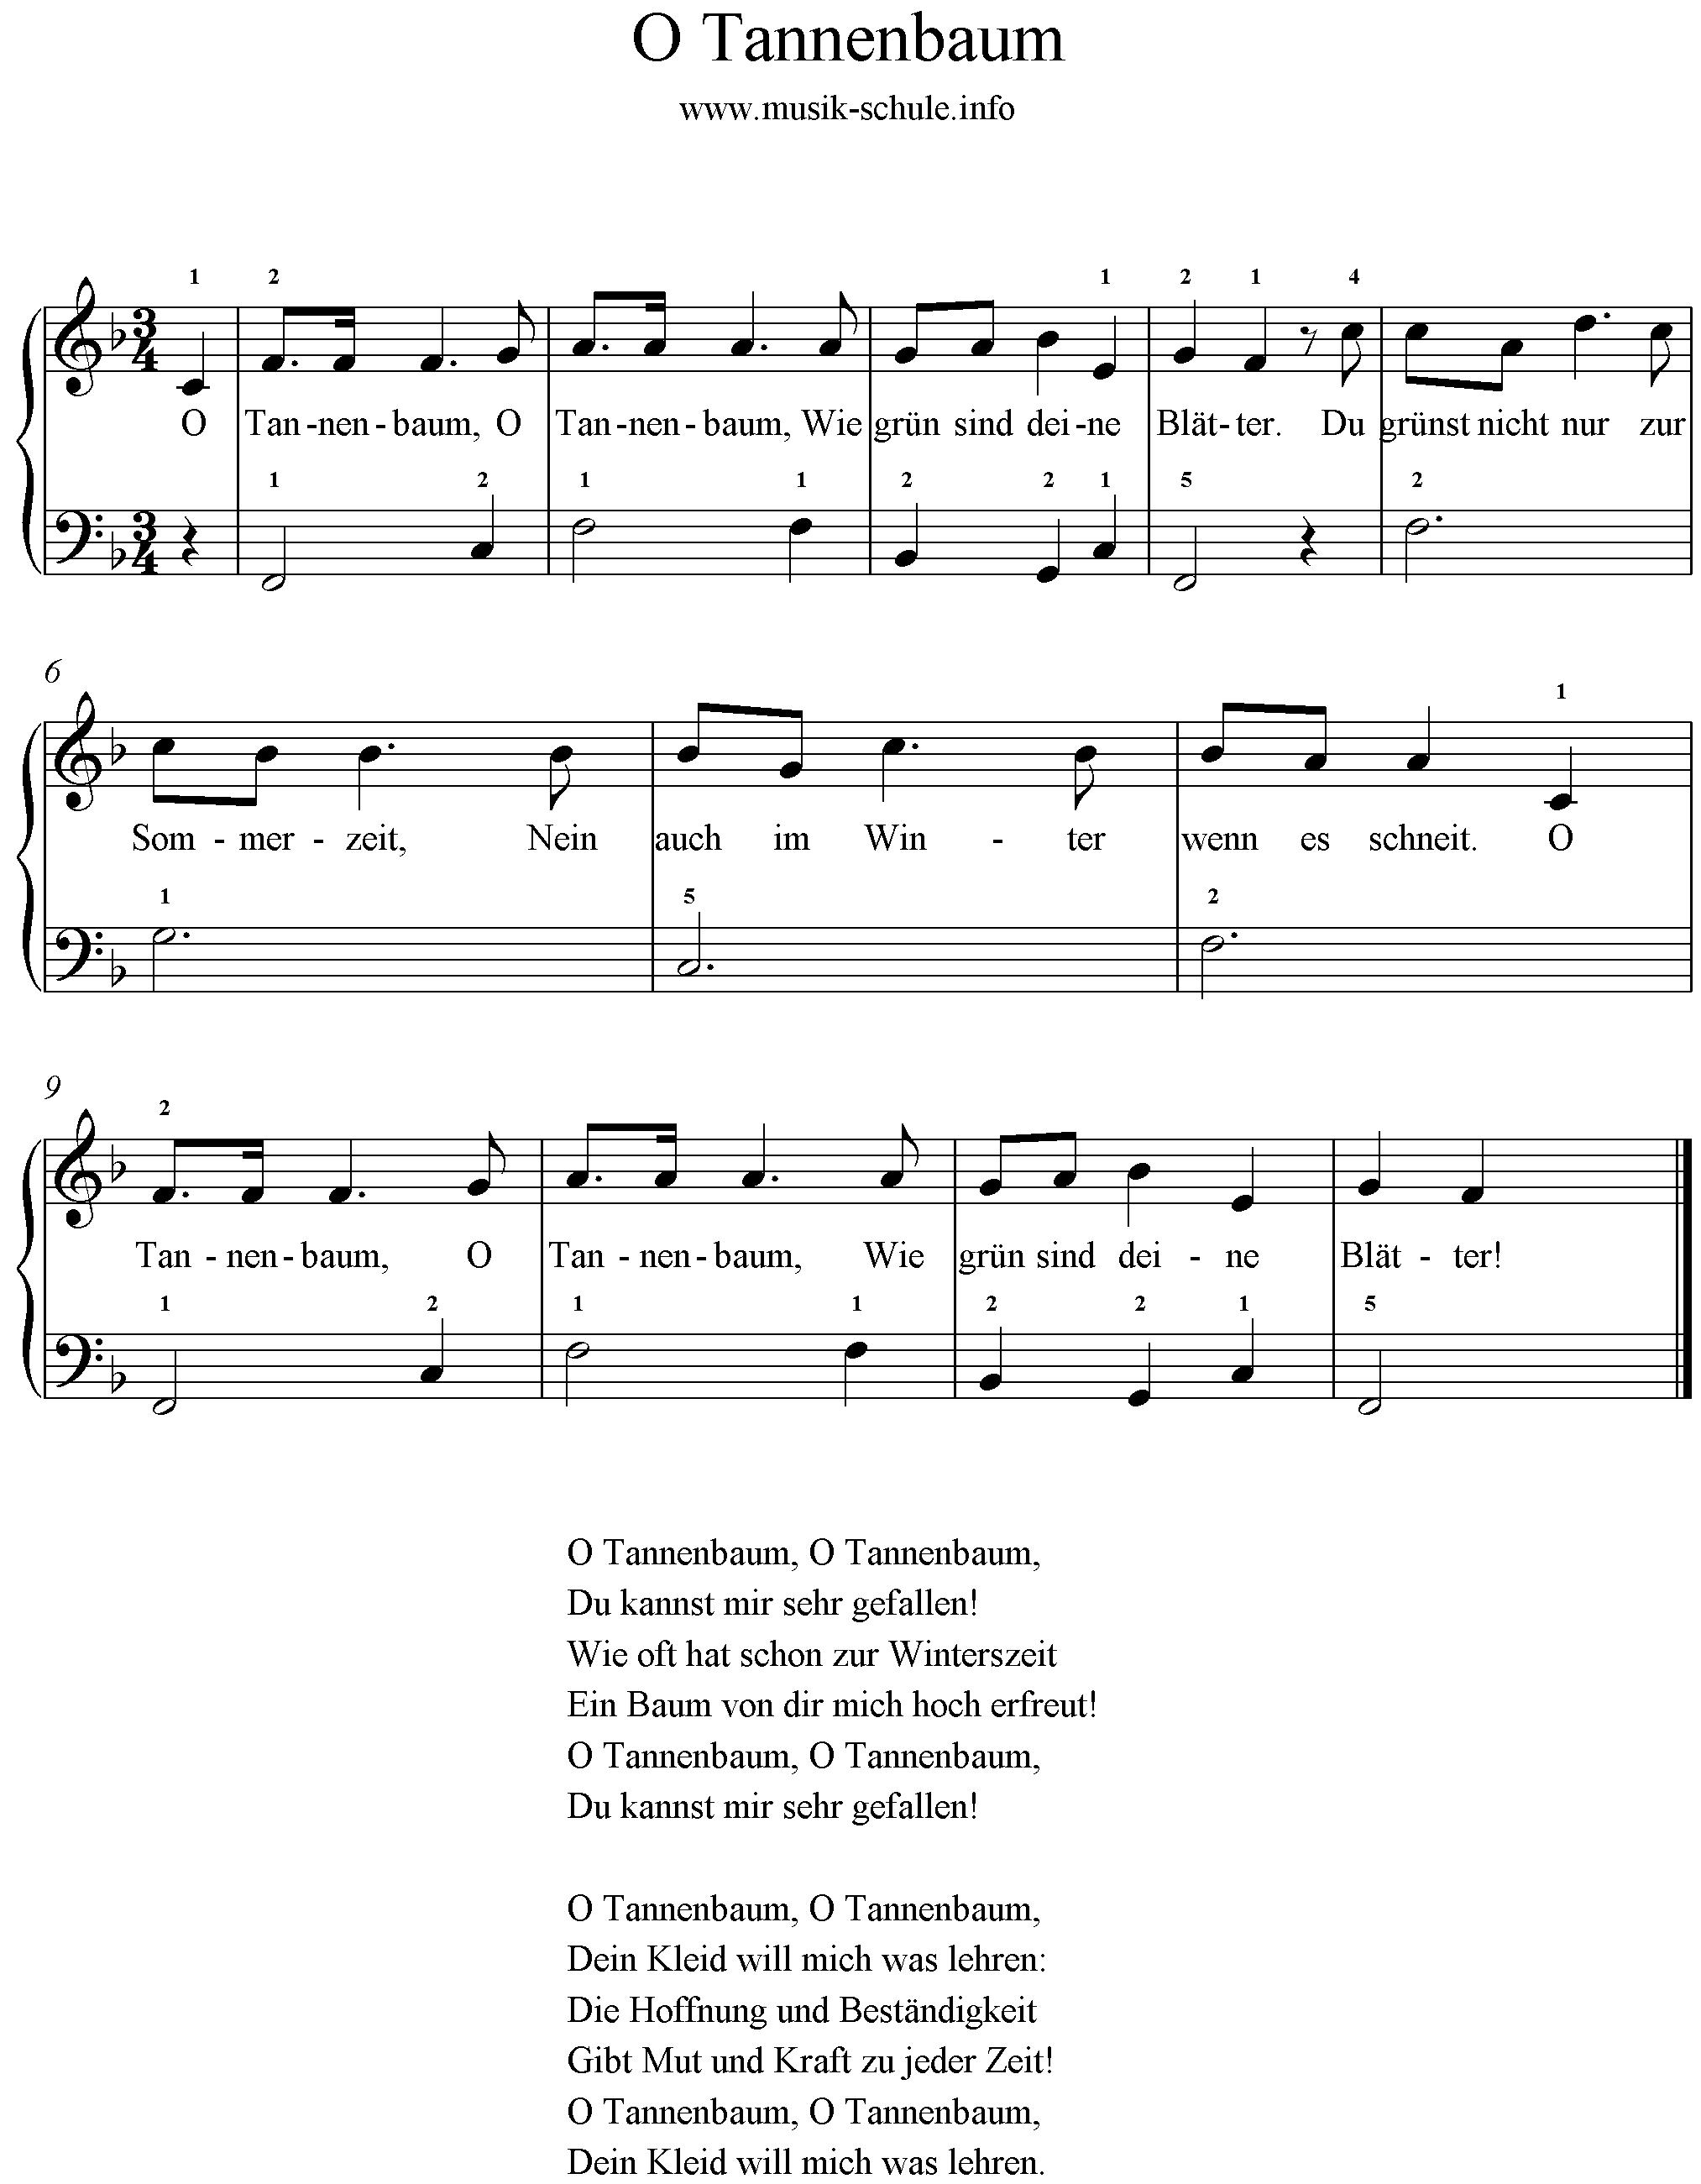 Noten Weihnachtslieder Klavier.O Tannenbaum Leicht